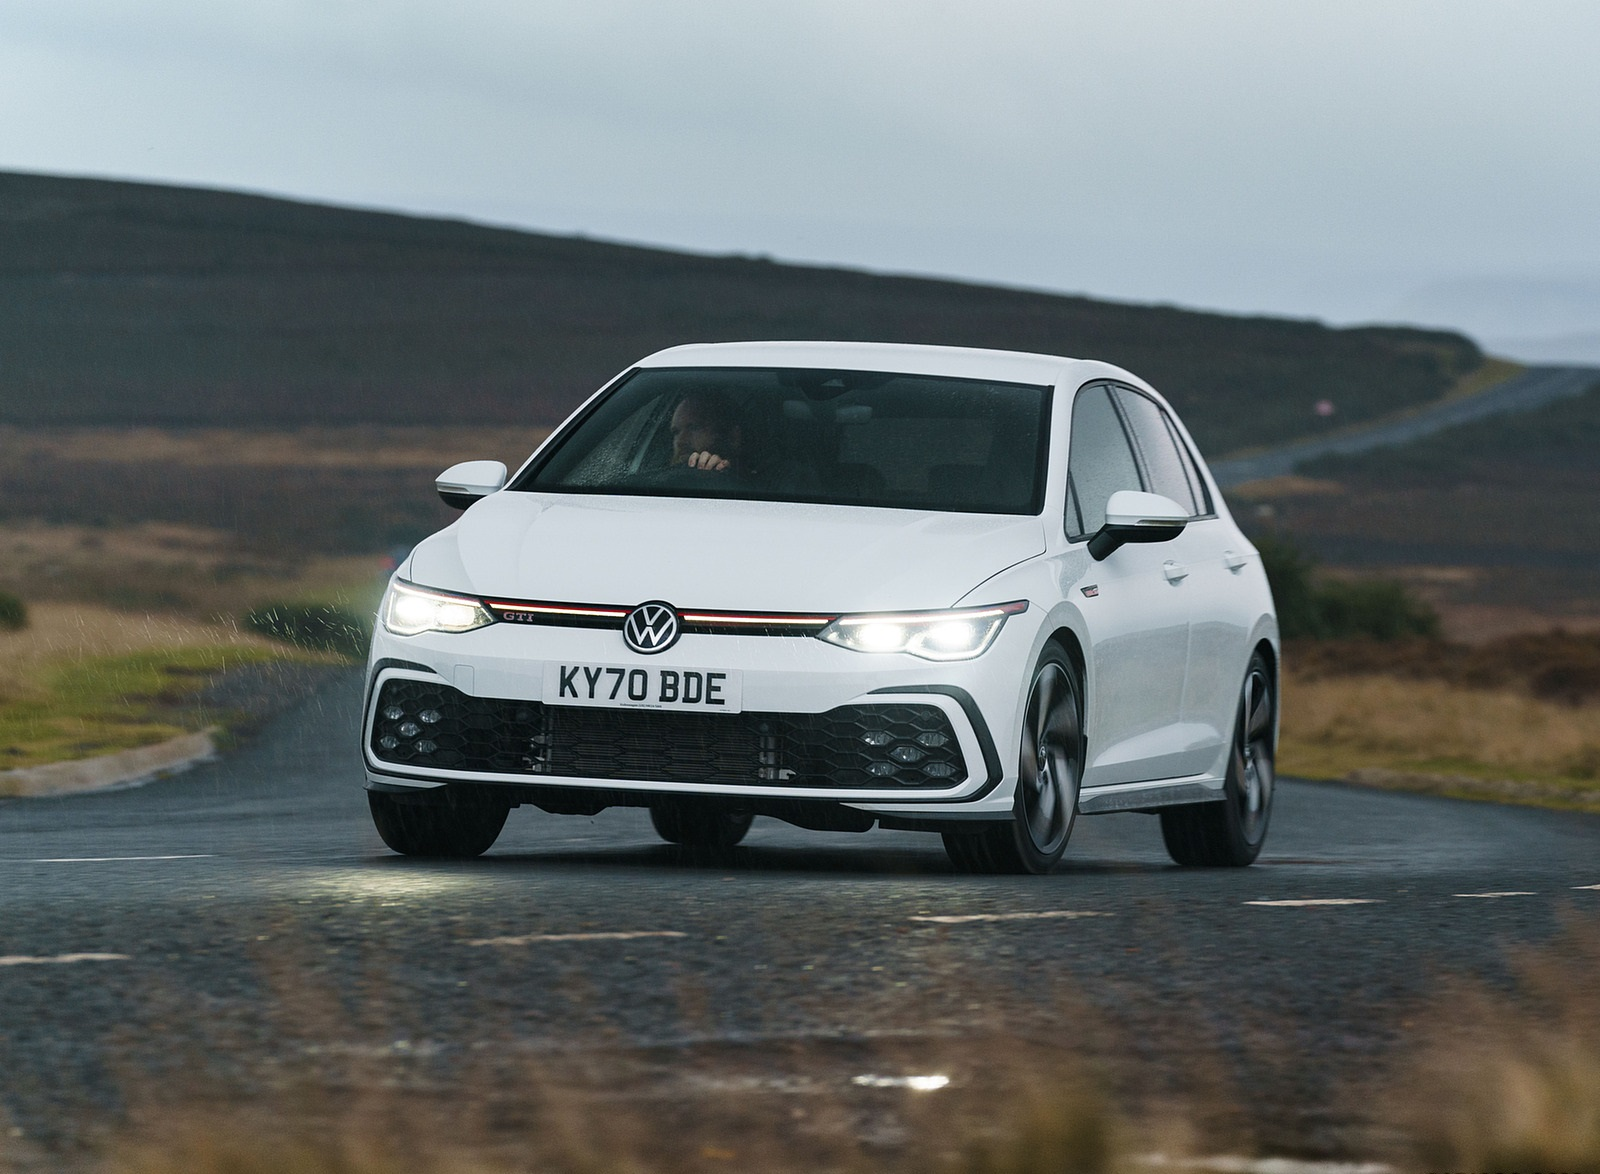 2021 Volkswagen Golf GTI (UK-Spec) Front Three-Quarter Wallpapers (1)